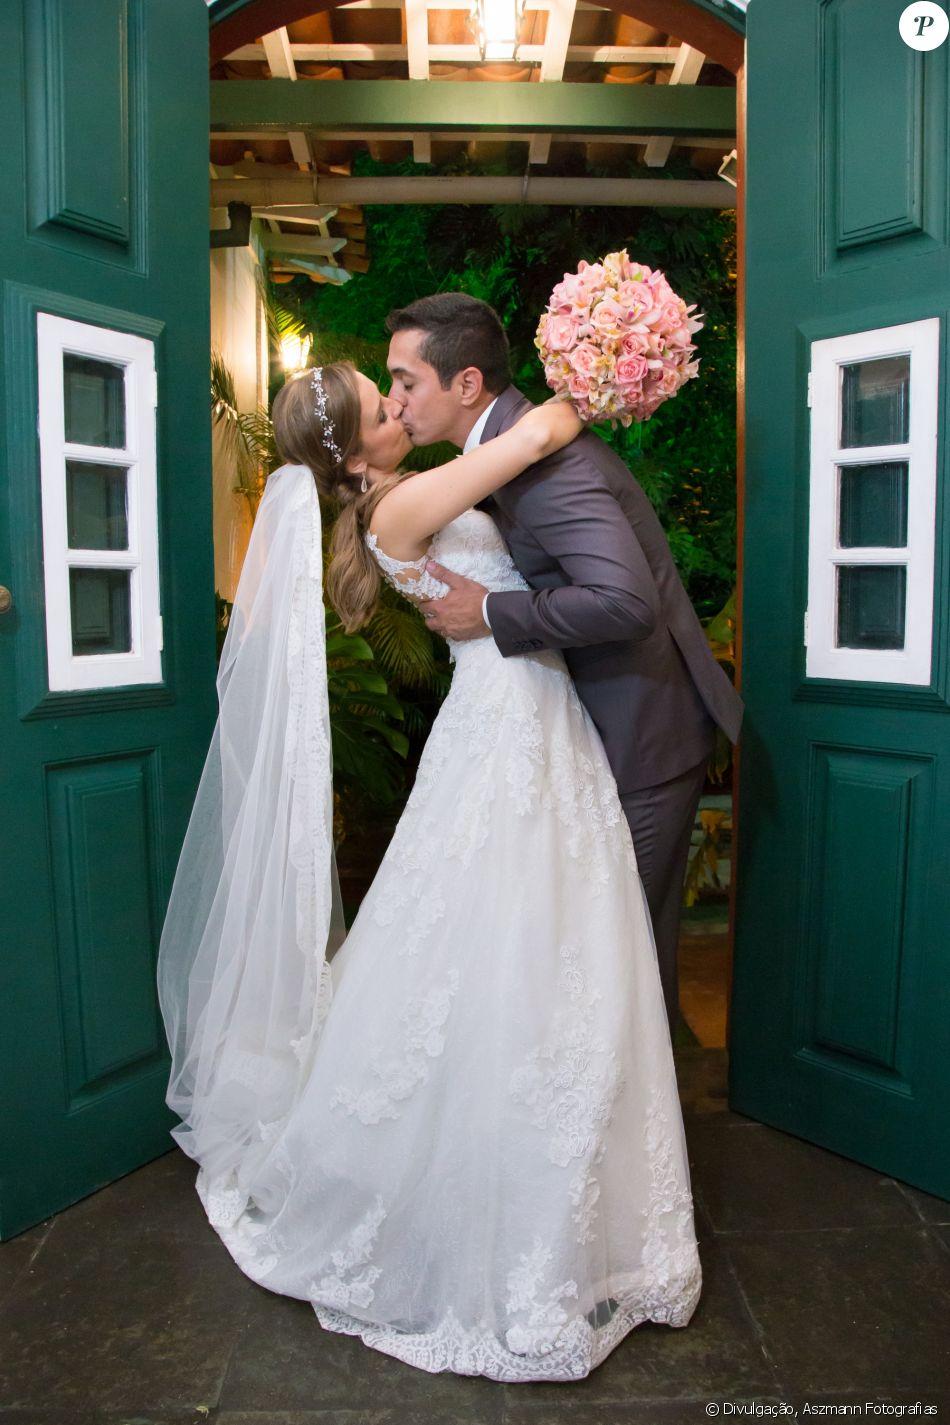 veja fotos do casamento de silvana ramiro, do \u0027bom dia riosilvana ramiro se casou com o empresário rafael dias no último sábado, 6 de maio